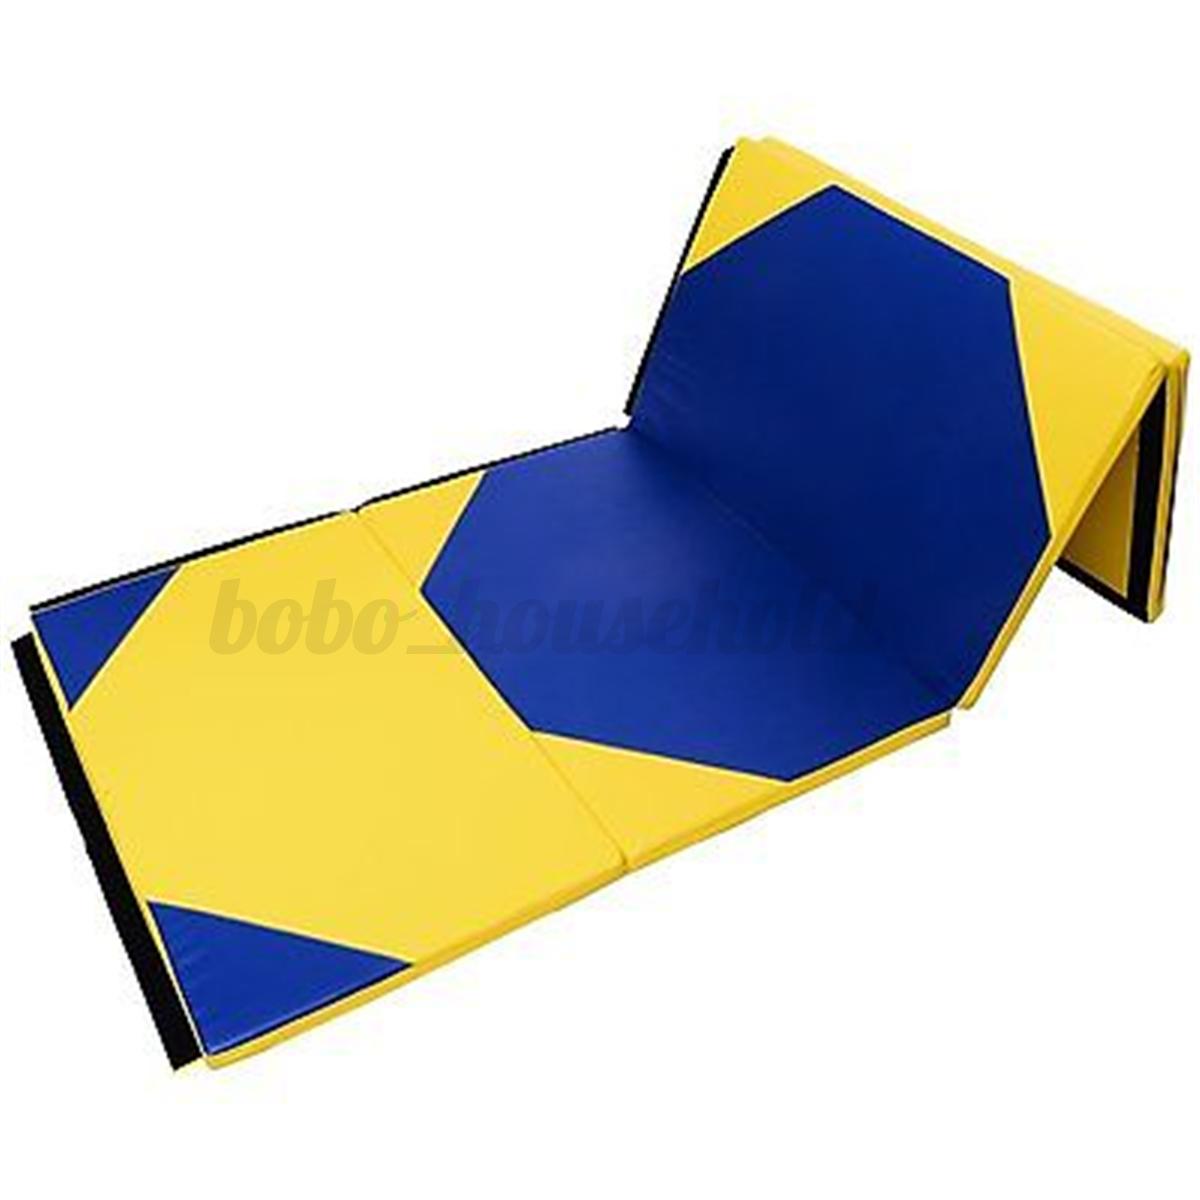 4 Size Foldable Gymnastic Mat GYM Exercise Yoga Crash